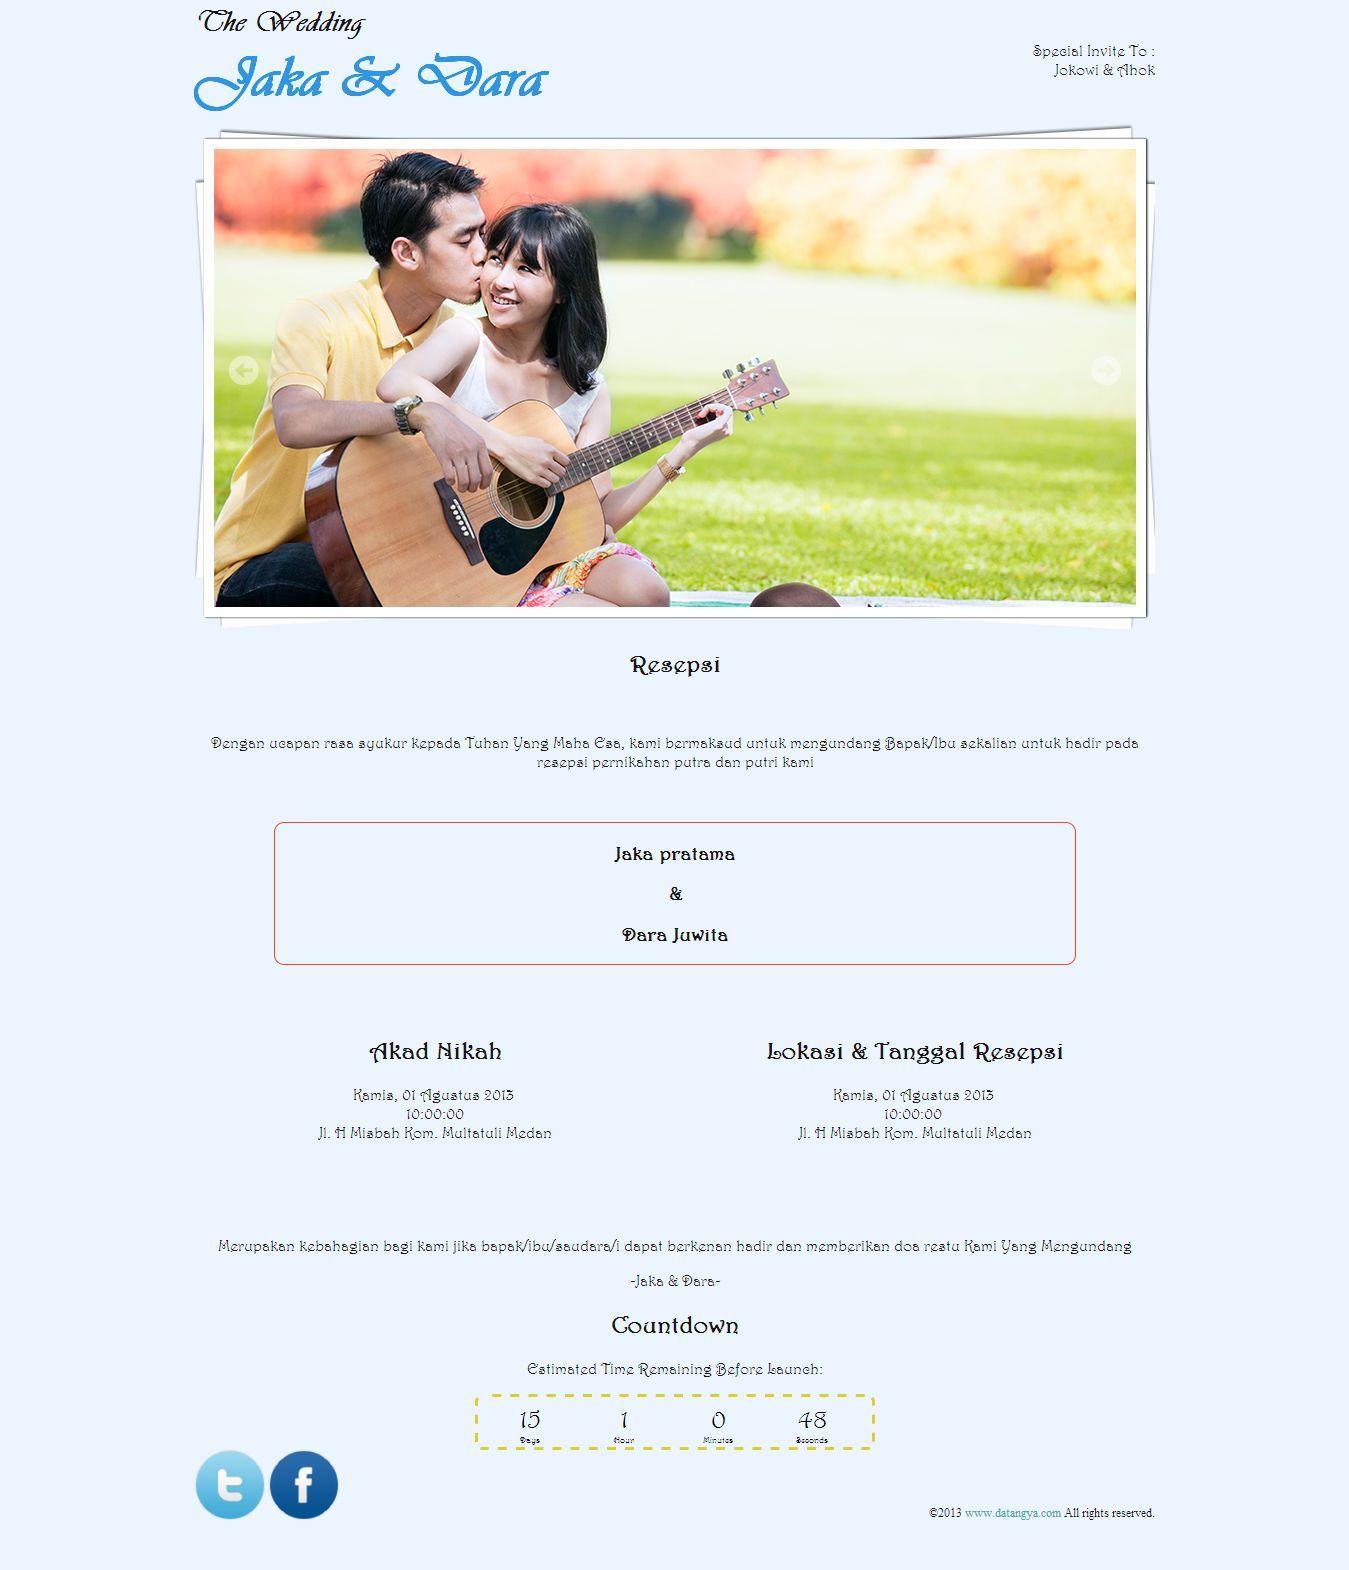 Desain Tema Undangan Pernikahan Online Gratis Dari Datangya Com